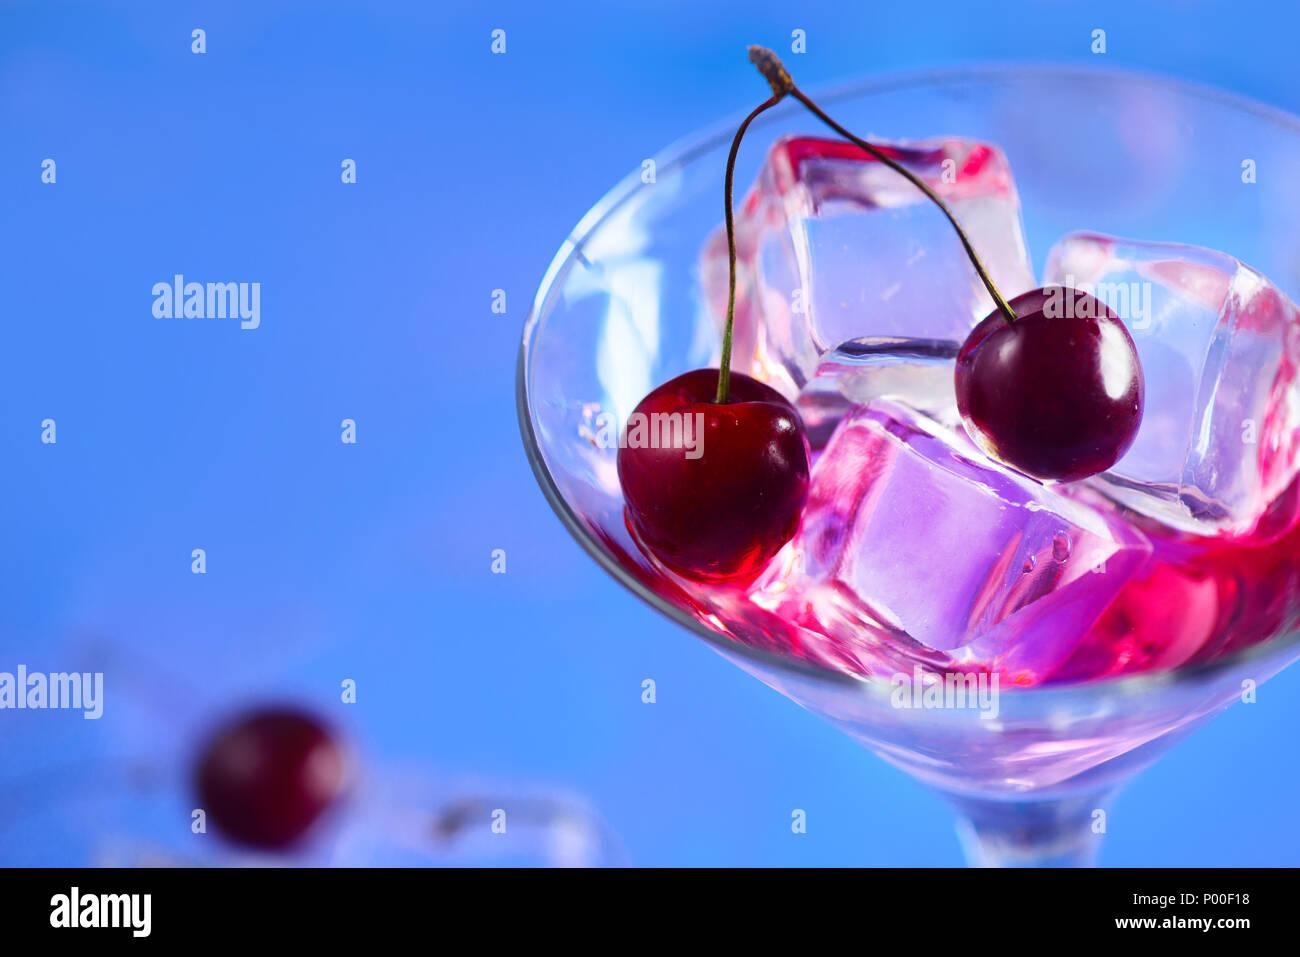 Cocktail Cherry close-up. Verre à cocktail avec des glaçons et de cerises sur un fond bleu lumineux avec copie espace. Chaude journée d'été concept de rafraîchissement Photo Stock